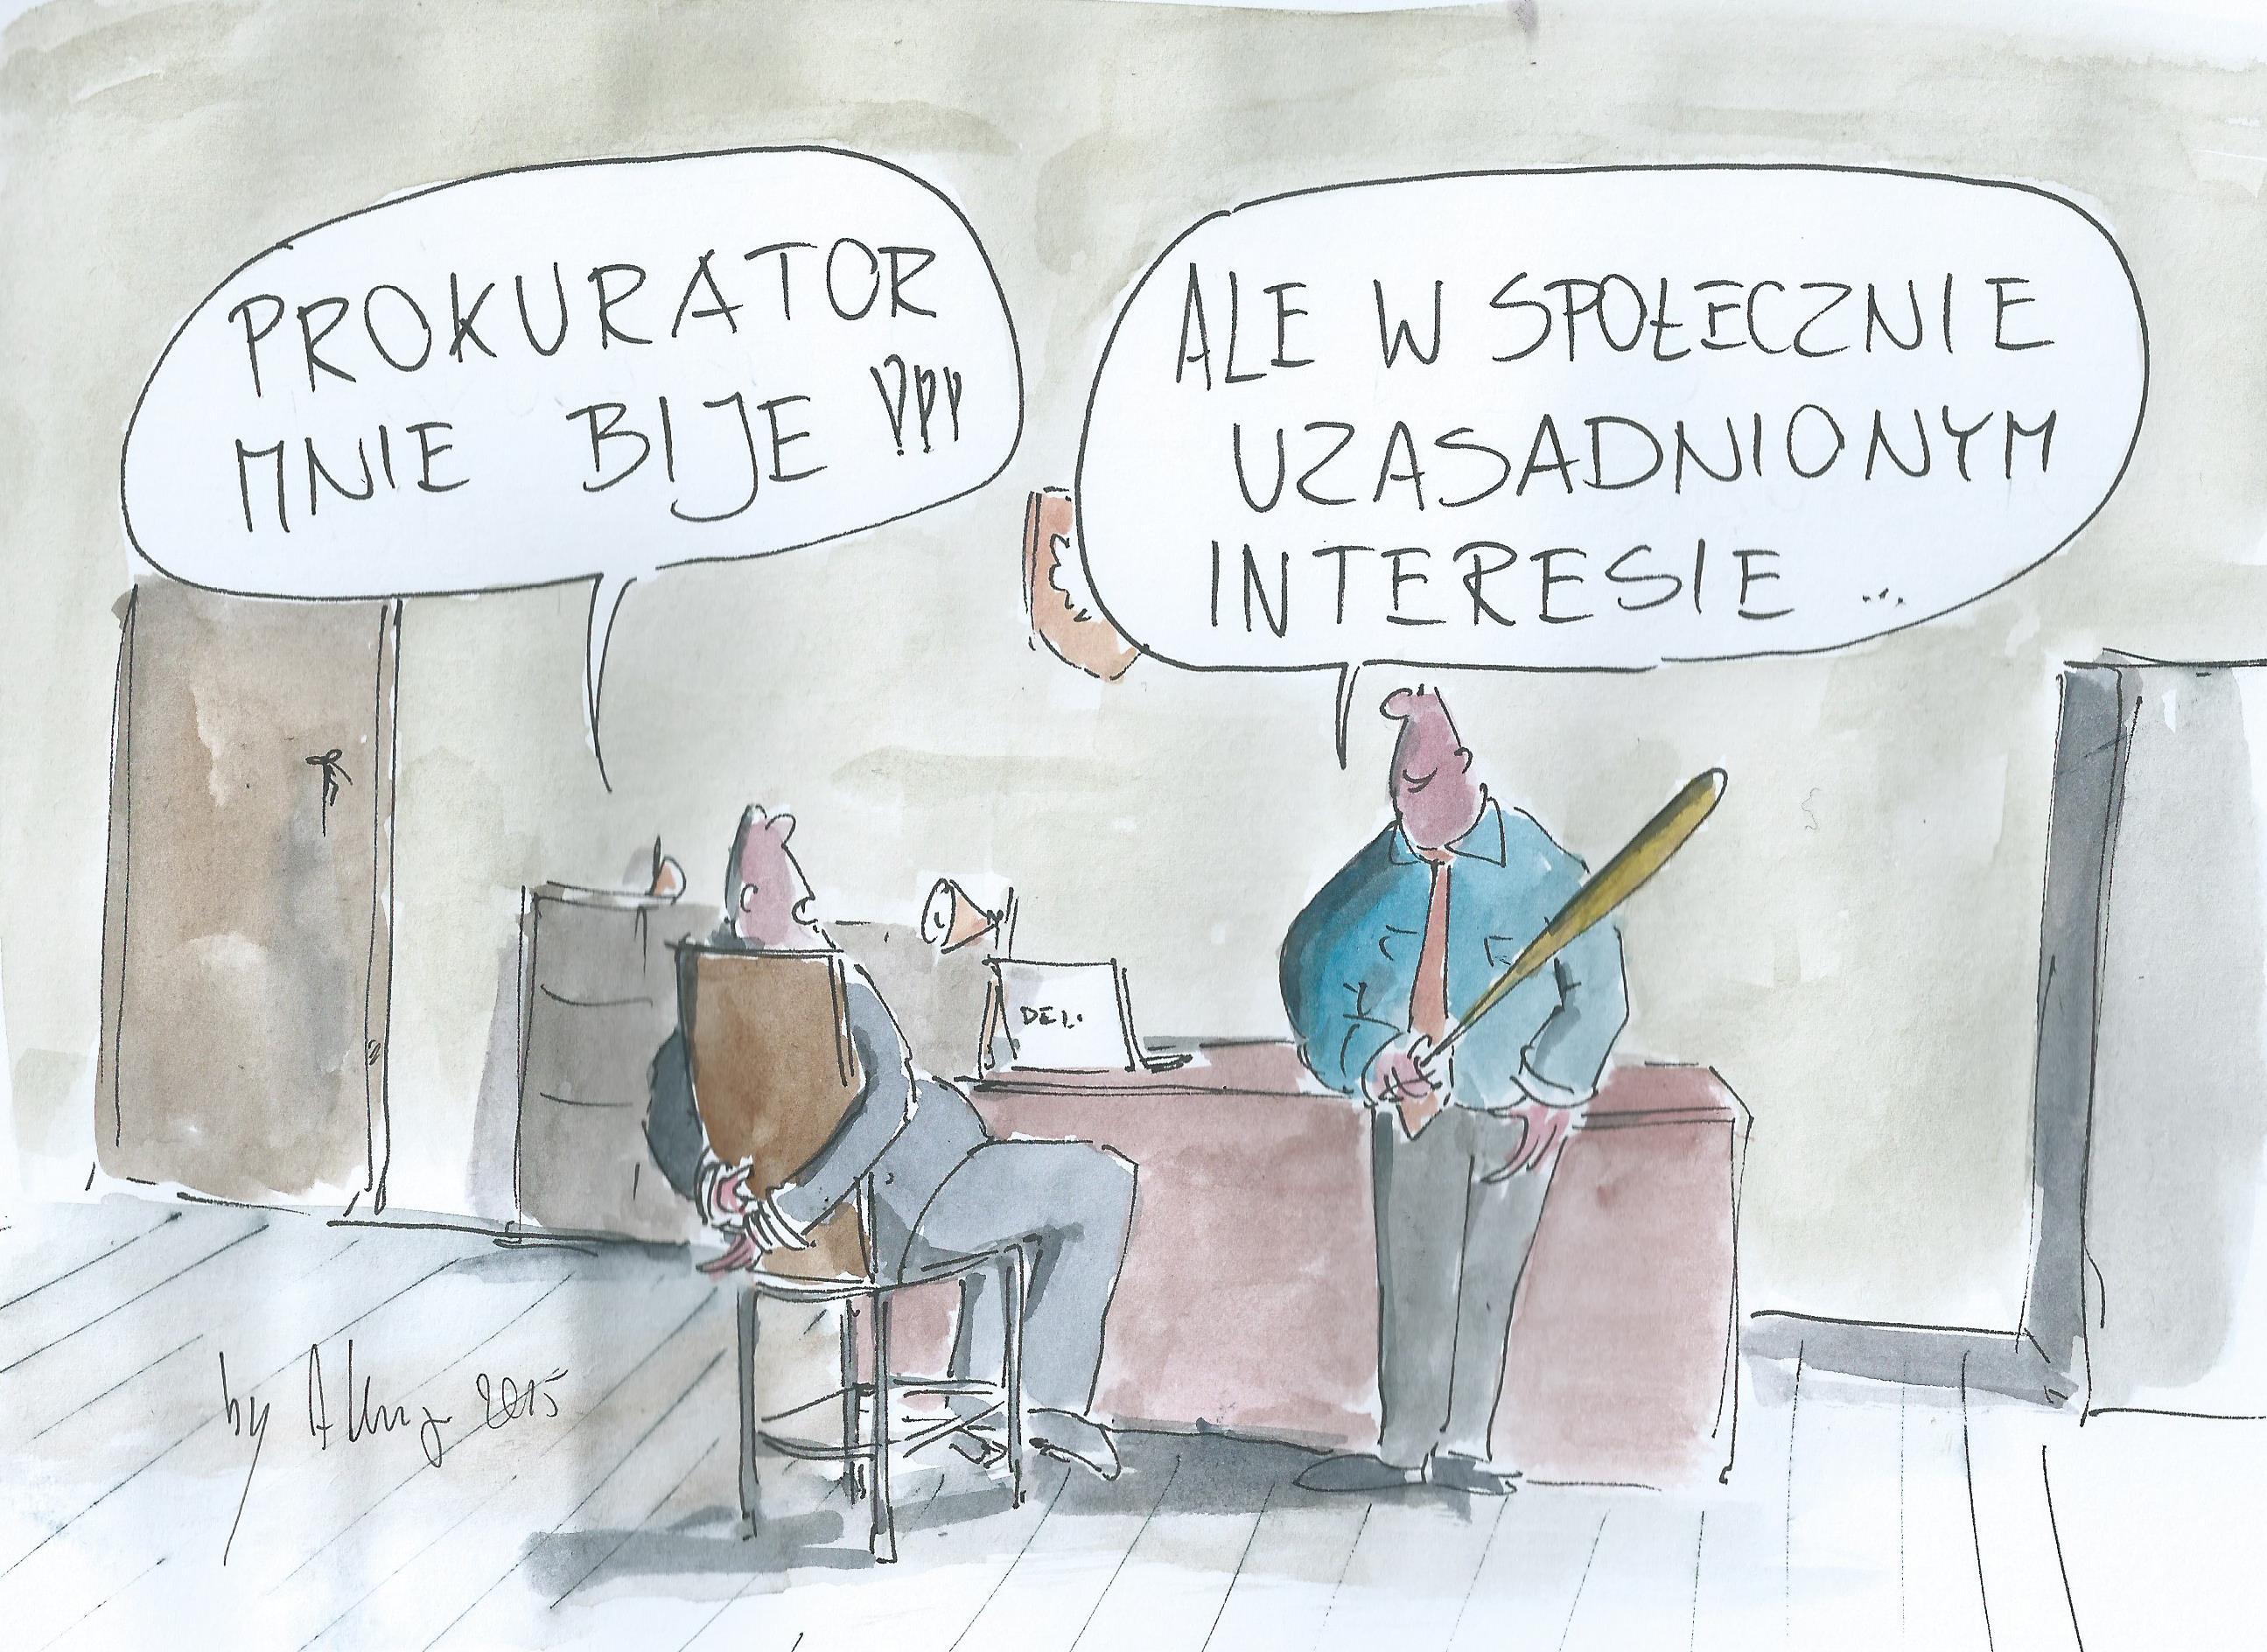 prokurator i słuszny interes